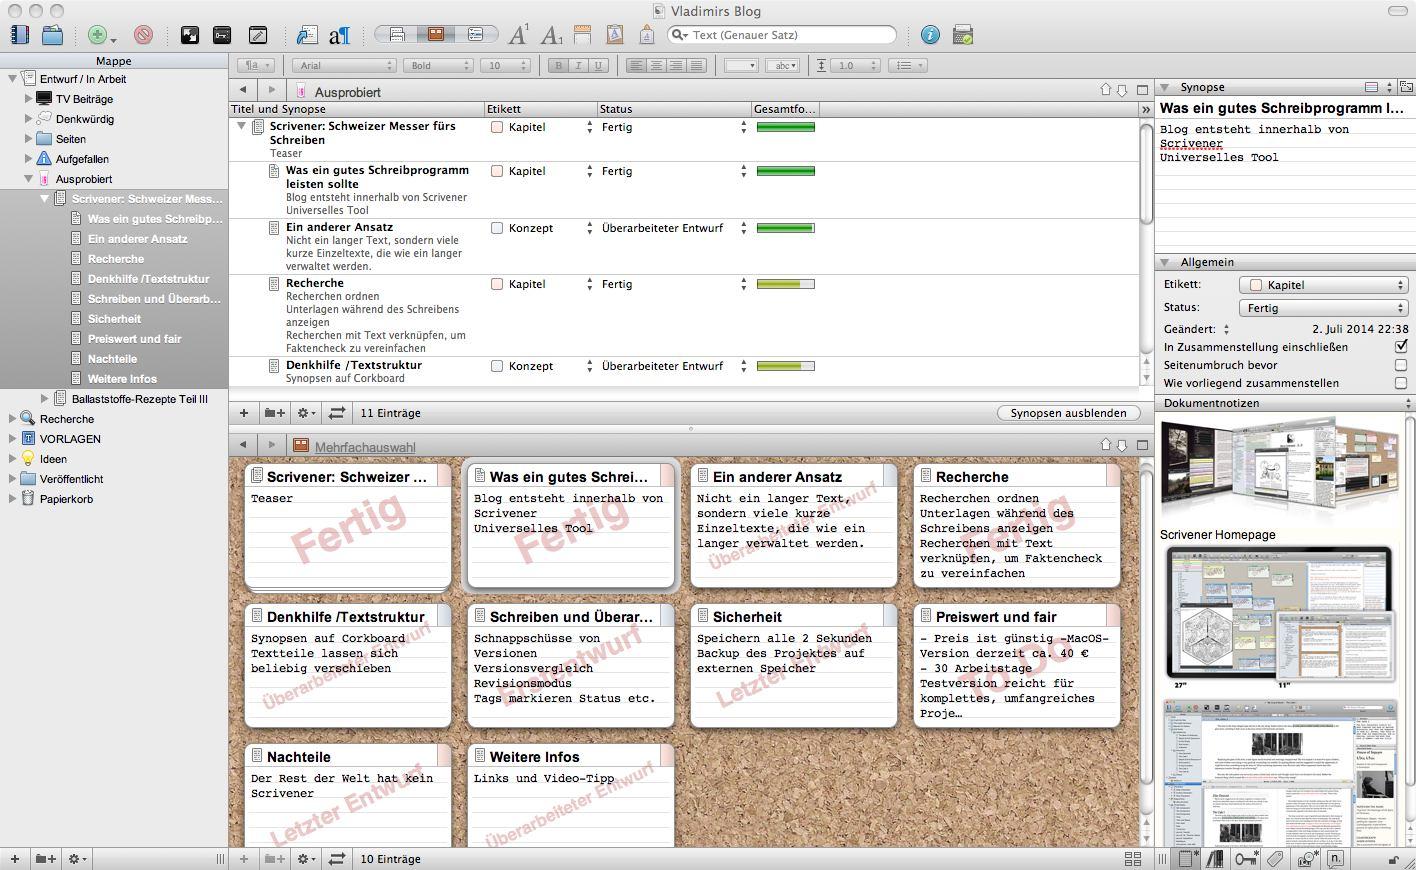 Drei Möglichkeiten, den Text umzustrukturieren: Links die einzelnen Dateien in einer Ordner-Struktur. Rechts oben die einzelnen Kapitel im Outline-Modus und unten in Form von Karteikarten.